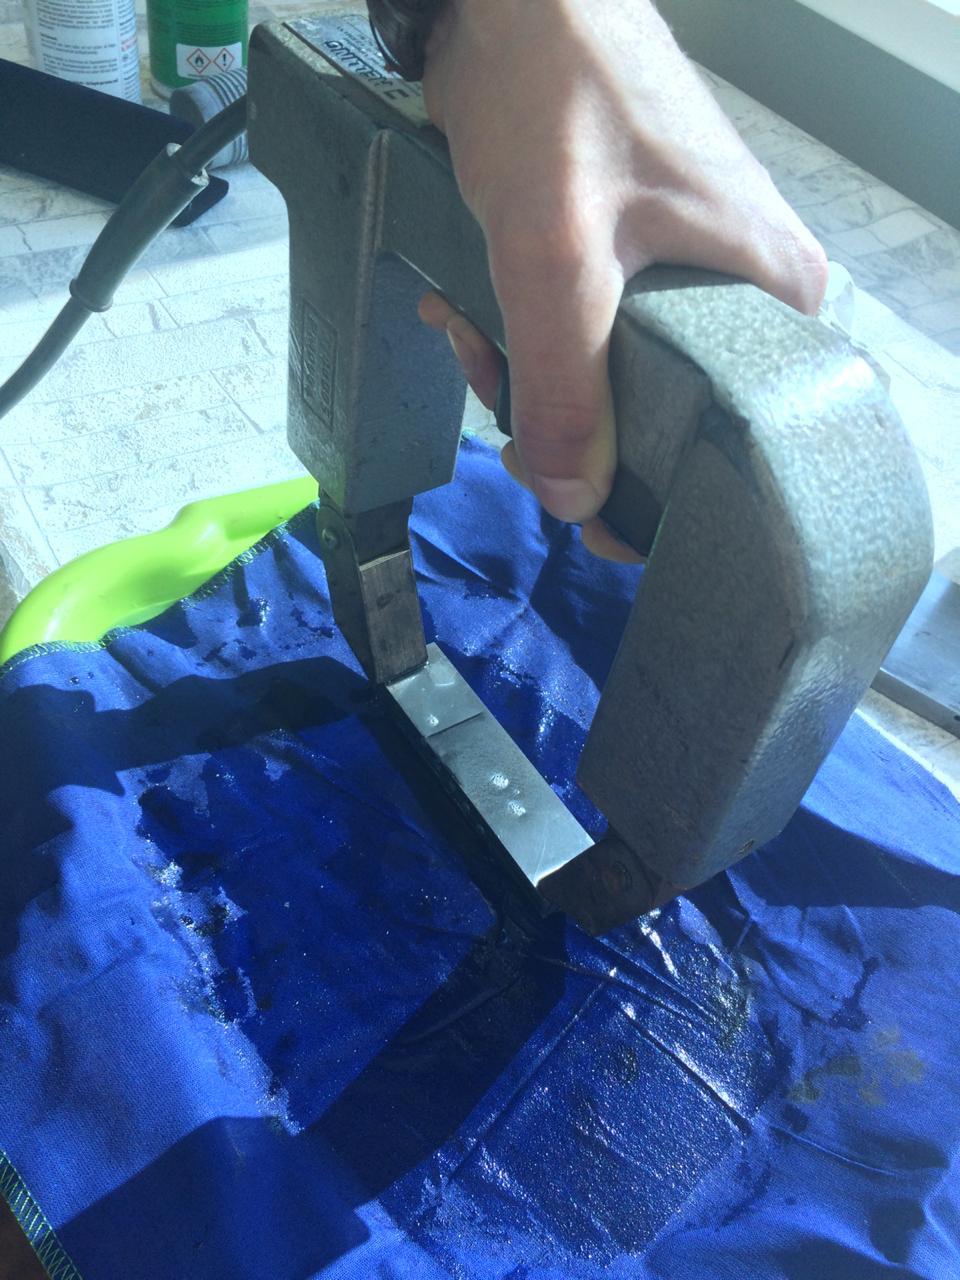 магнитная суспензия проверка металла сплав диагностика неразрушающий контроль